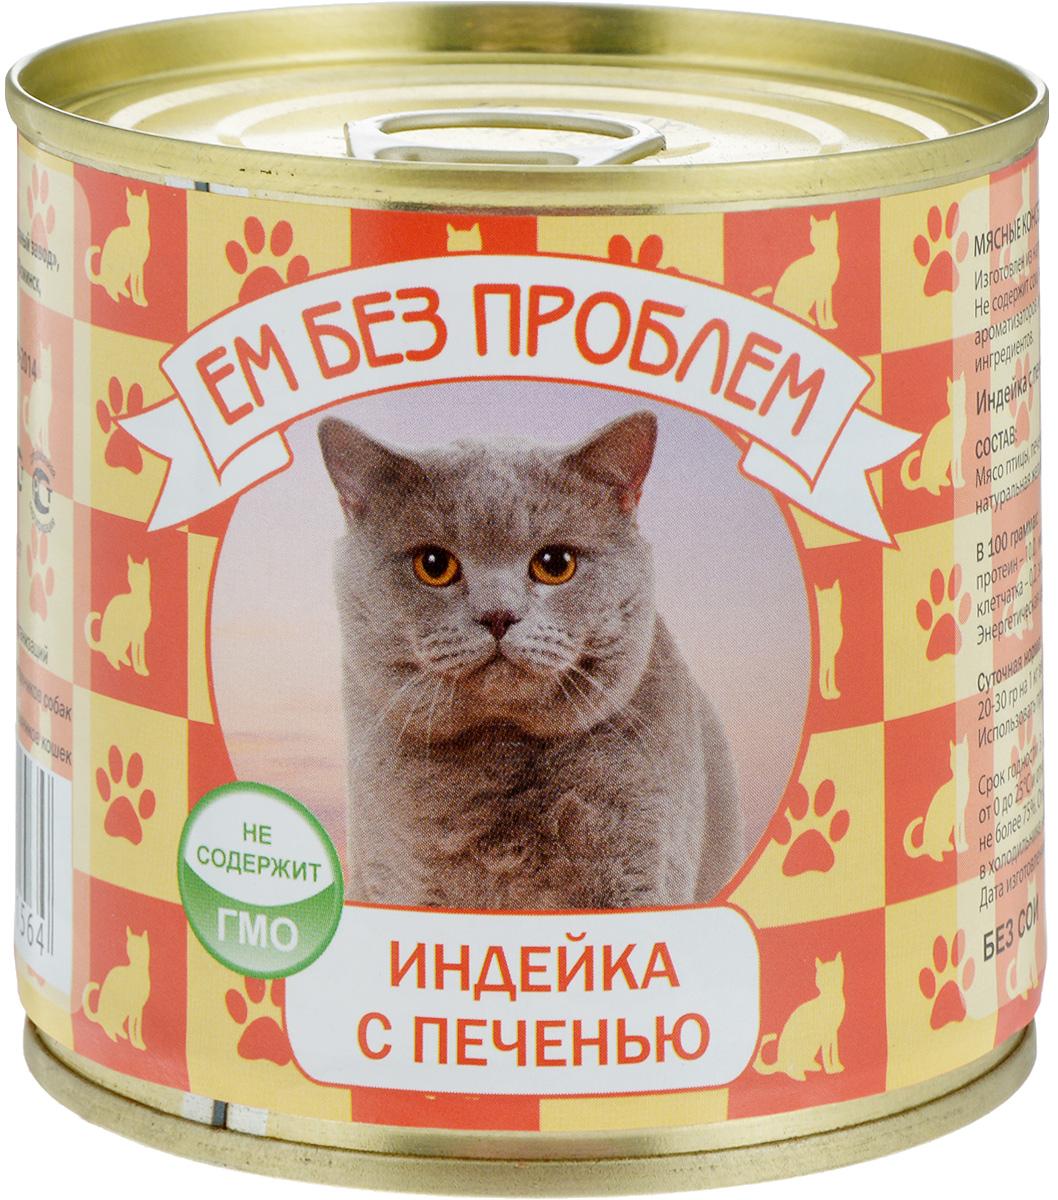 Консервы для кошек Ем без проблем, индейка с печенью, 250 г00-00001442Мясные консервы для кошек Ем без проблем изготовлены из натурального российского мяса. Не содержат сои, консервантов, красителей, ароматизаторов и генномодифицированных ингредиентов. Корм полностью удовлетворяет ежедневные энергетические потребности животного и обеспечивает оптимальное функционирование пищеварительной системы. Консервы Ем без проблем рекомендуется смешивать с кашами и овощами. Товар сертифицирован.